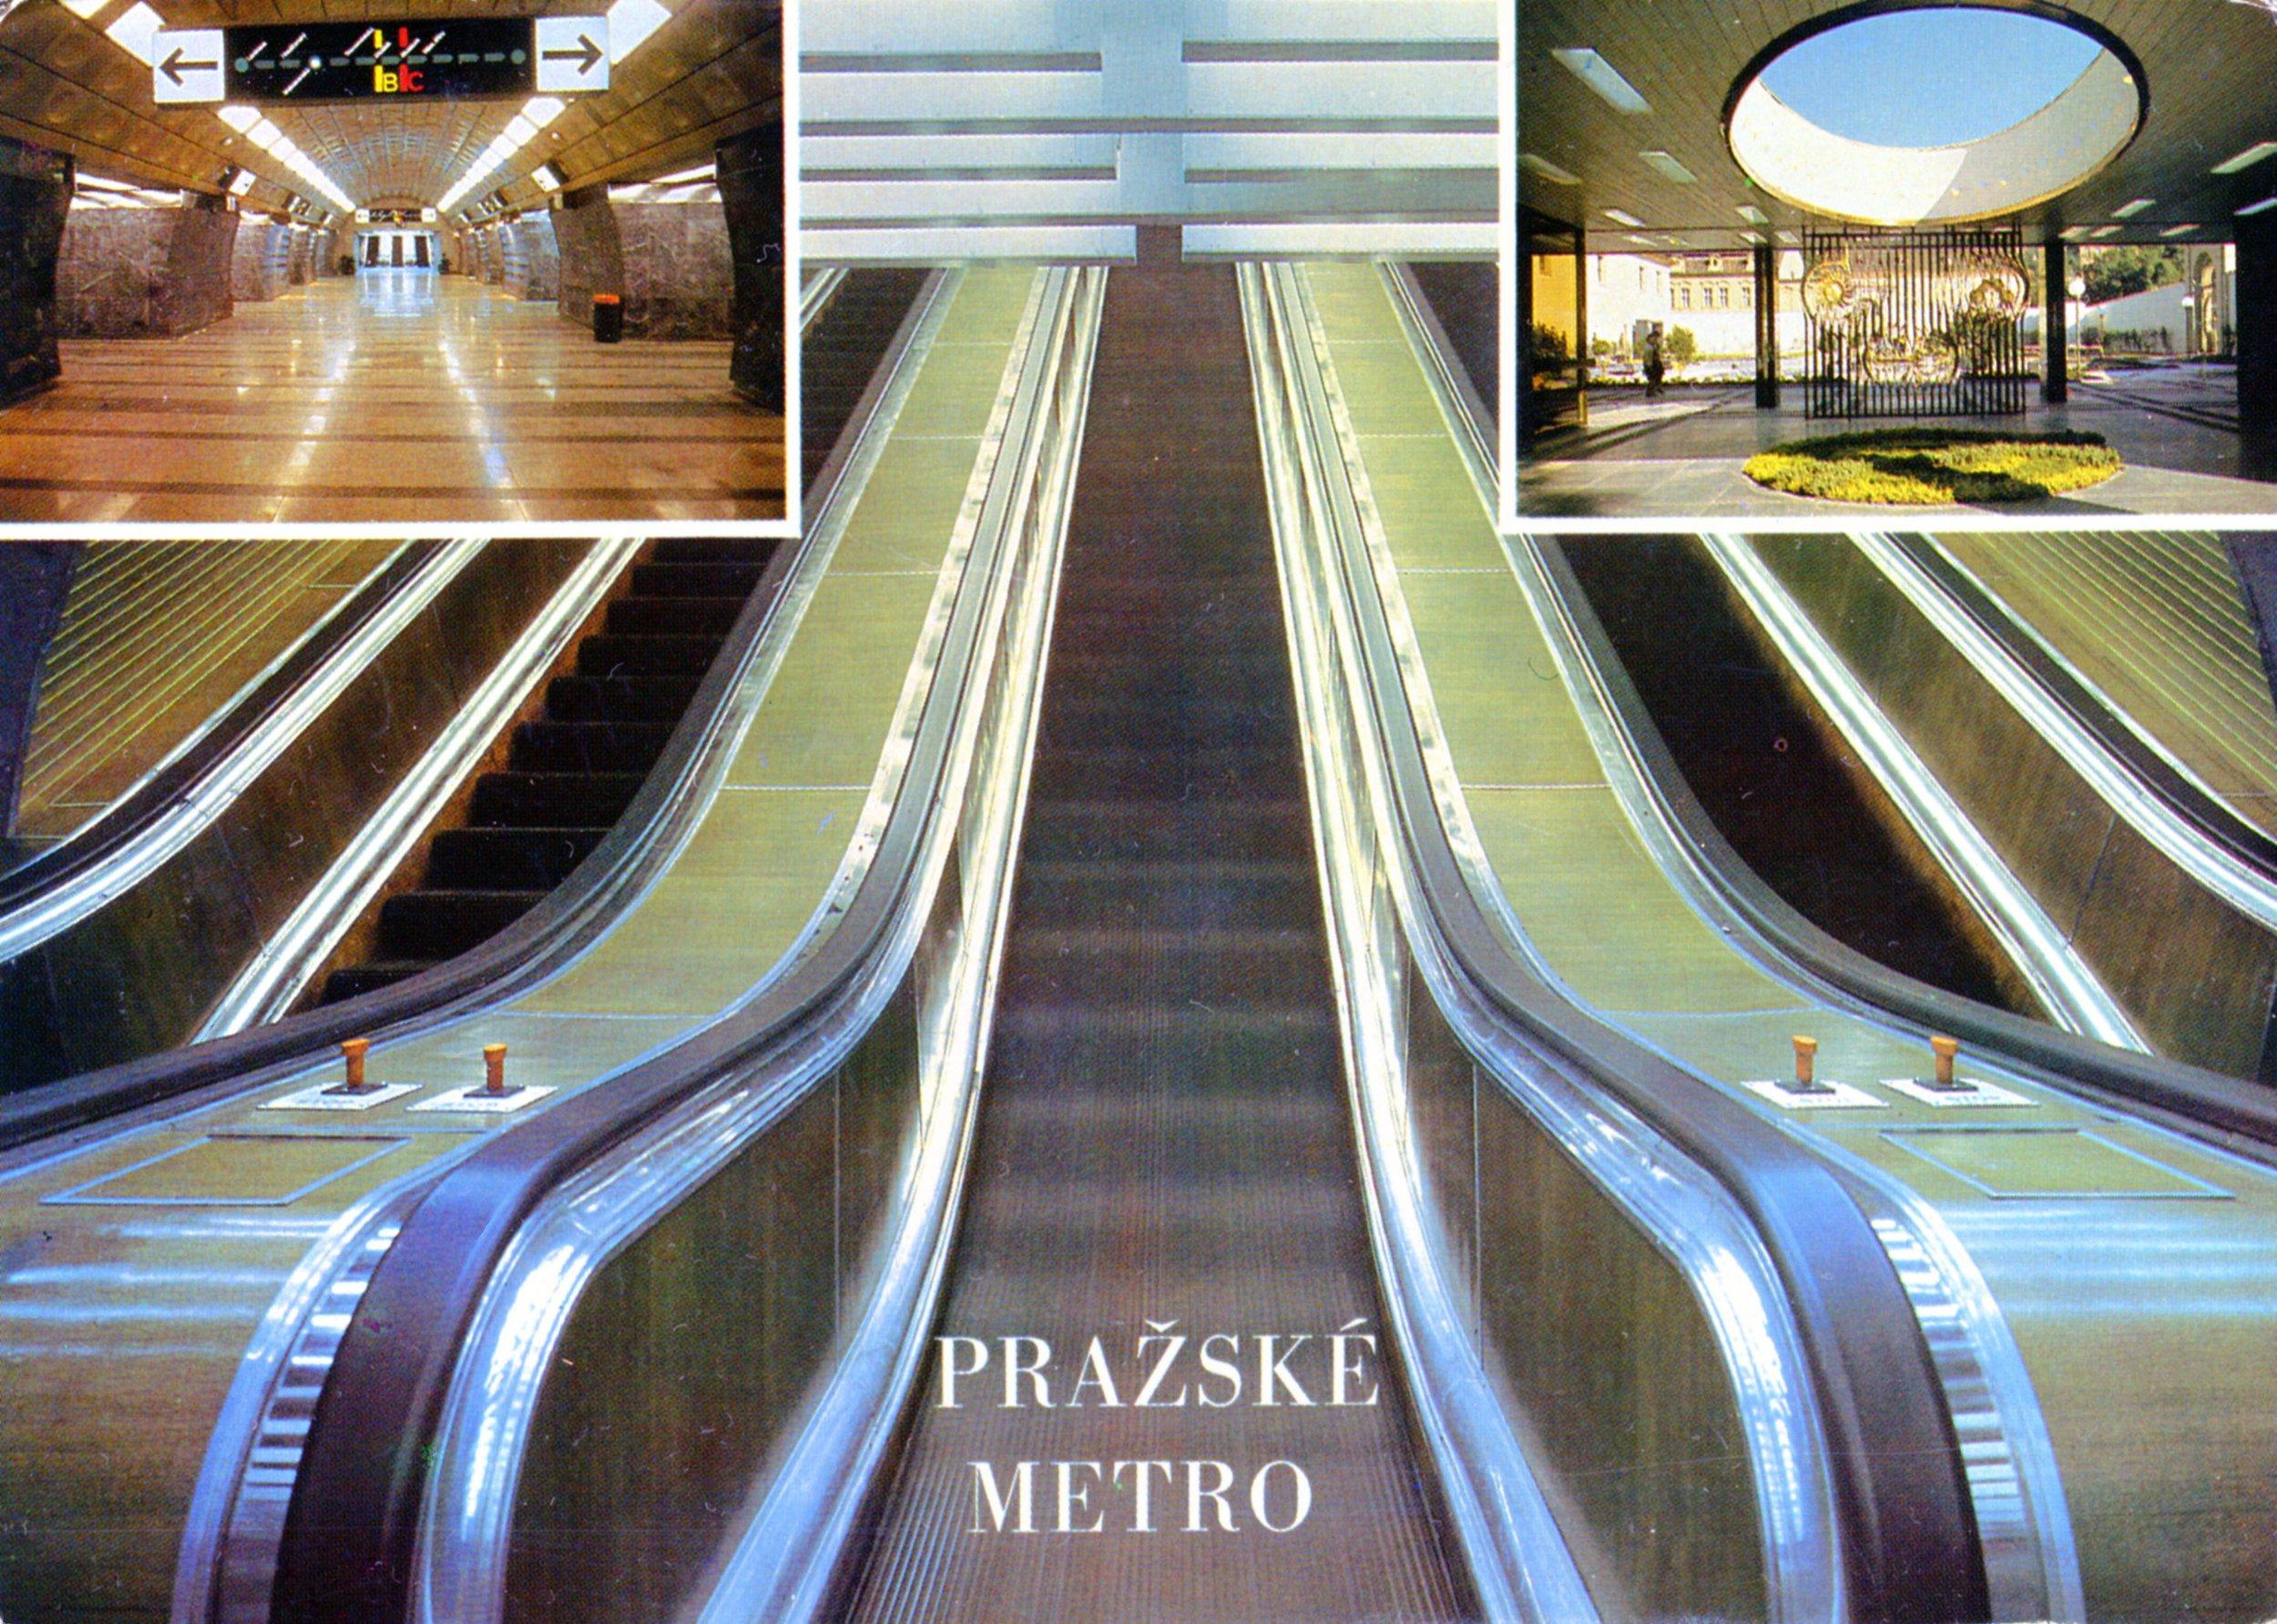 Pražské metro bylo oblíbeným symbolem pohlednic. Nezřídka se na nich ale neprezentovaly vlaky metra, ale právě moderní stanice a umělecké prvky. (sbírka: Libor Hinčica)